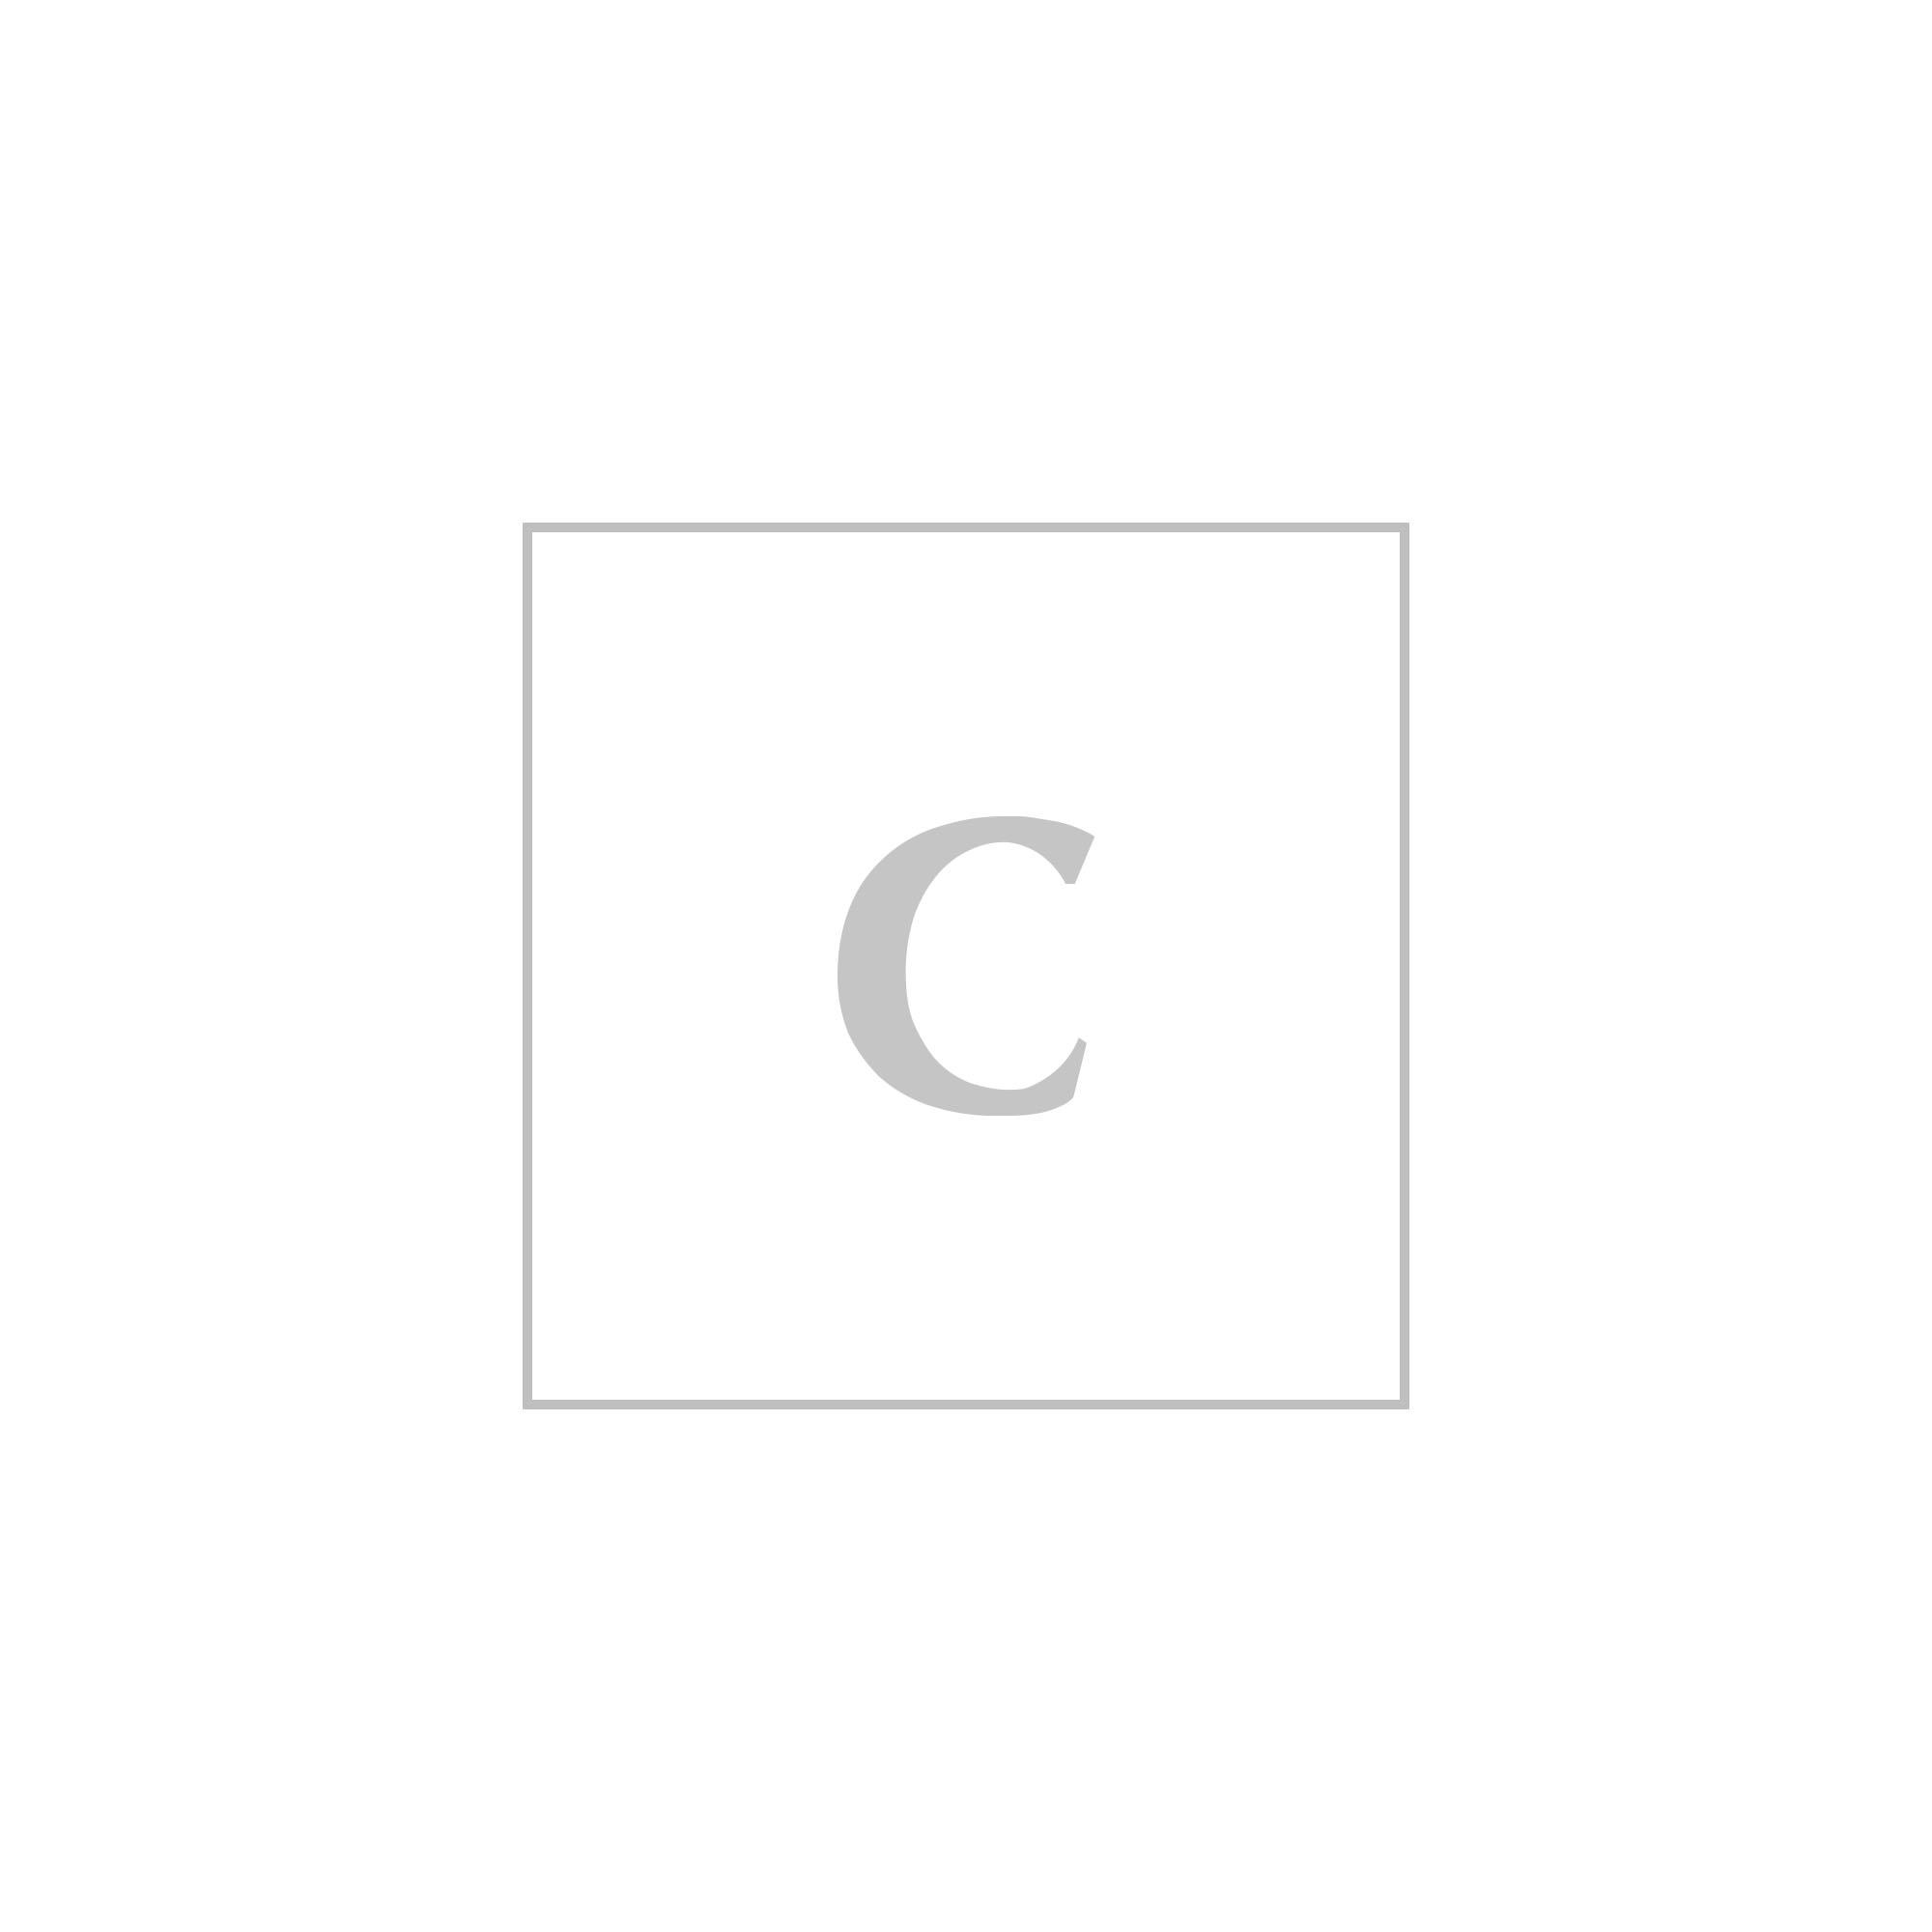 Dolce   gabbana zaino tessuto stampa logo ... 7755744e79c